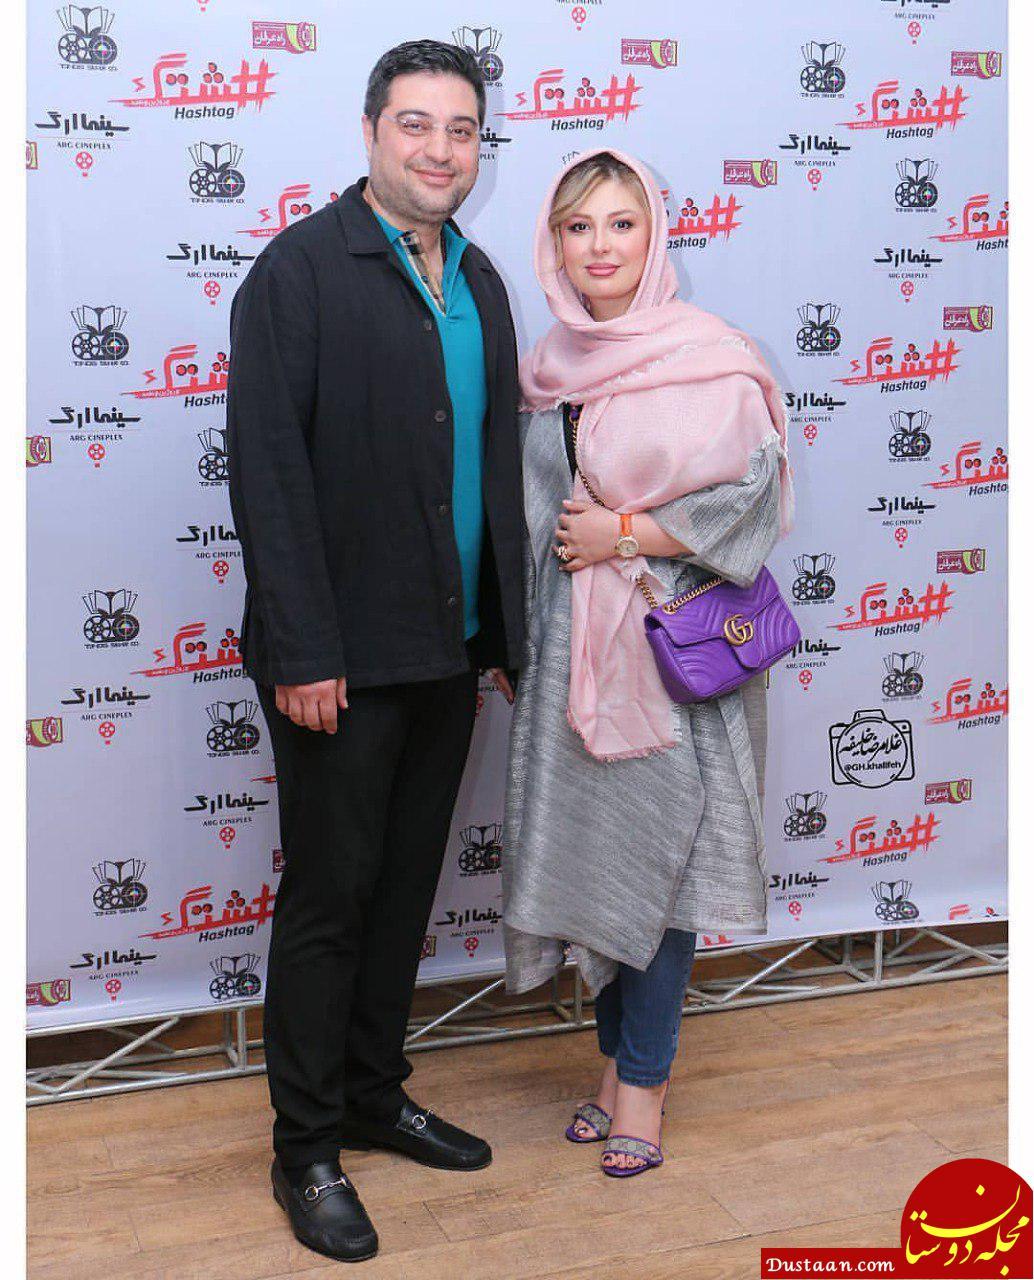 نیوشا ضیغمی و همسرش در اکران مردمی فیلم هشتگ +عکس